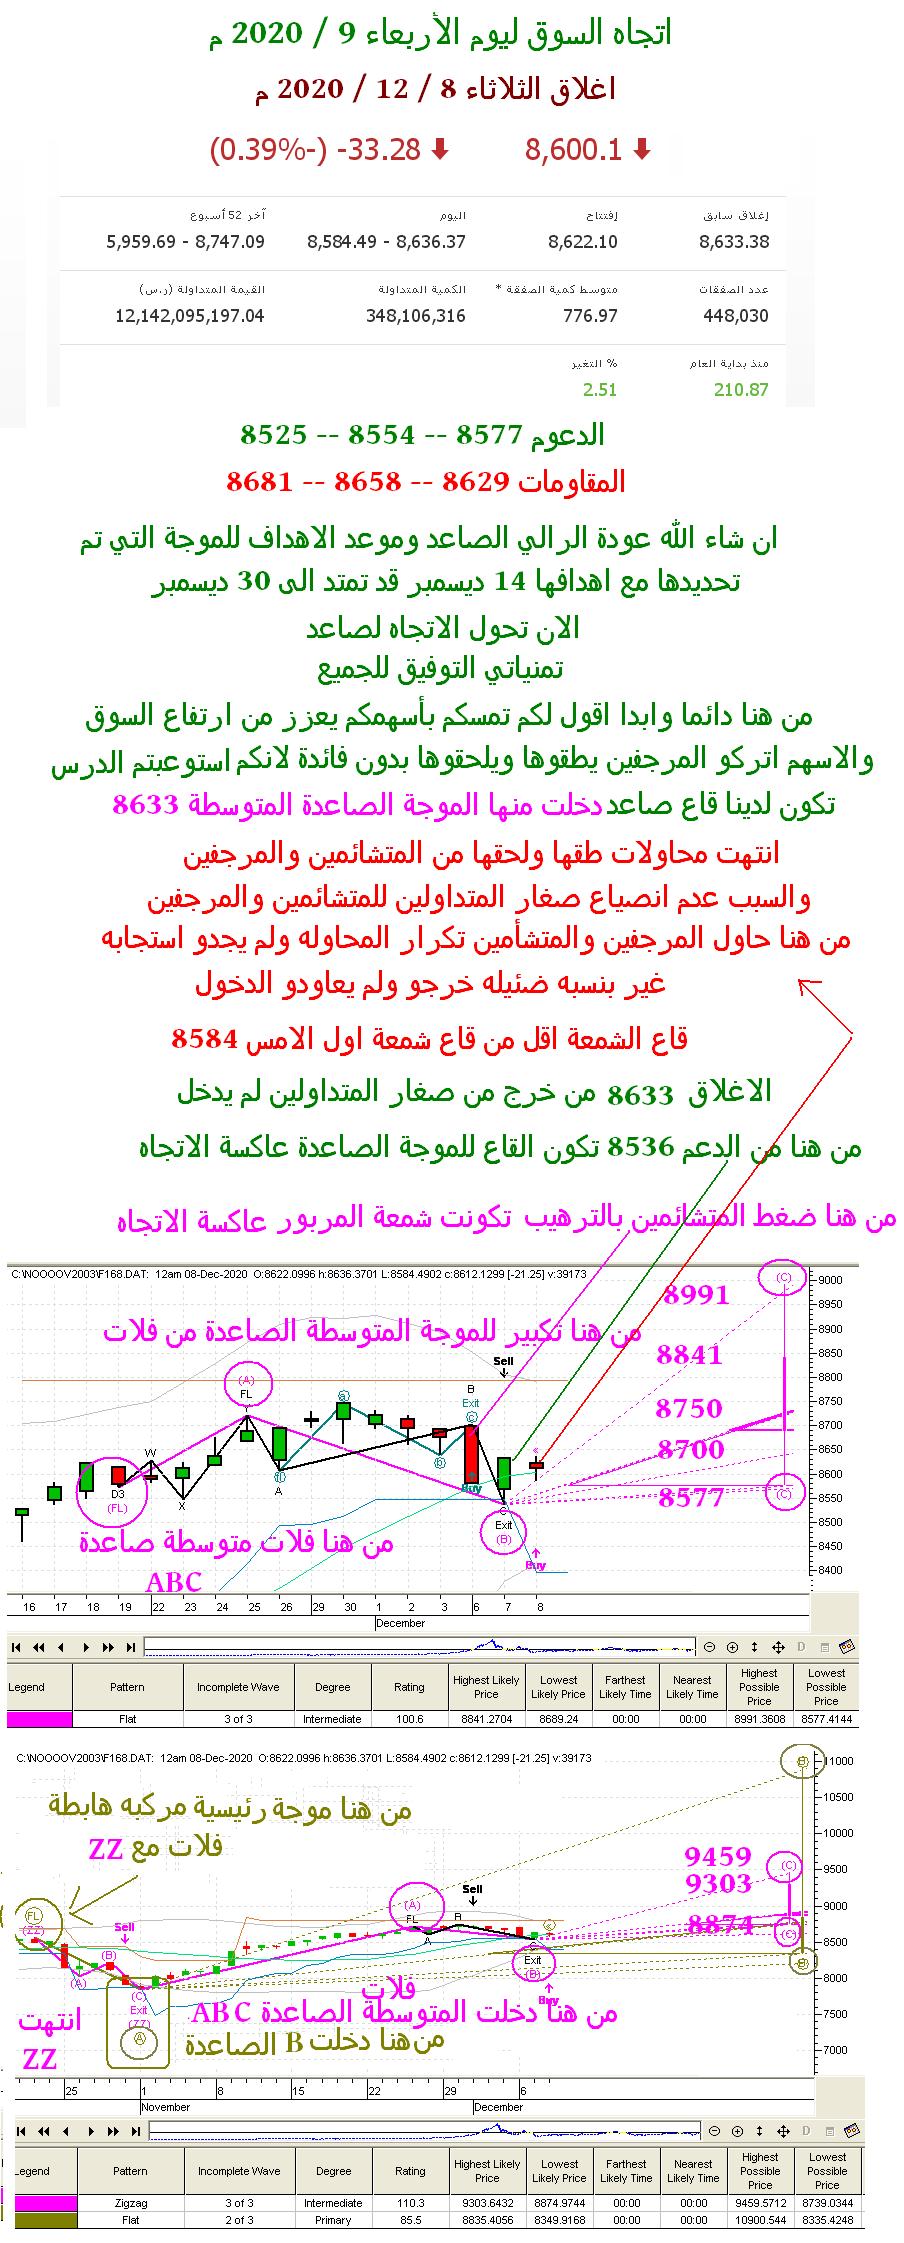 رد: اتجاه السوق ليوم الثلاثاء 8 / 12 / 2020 م